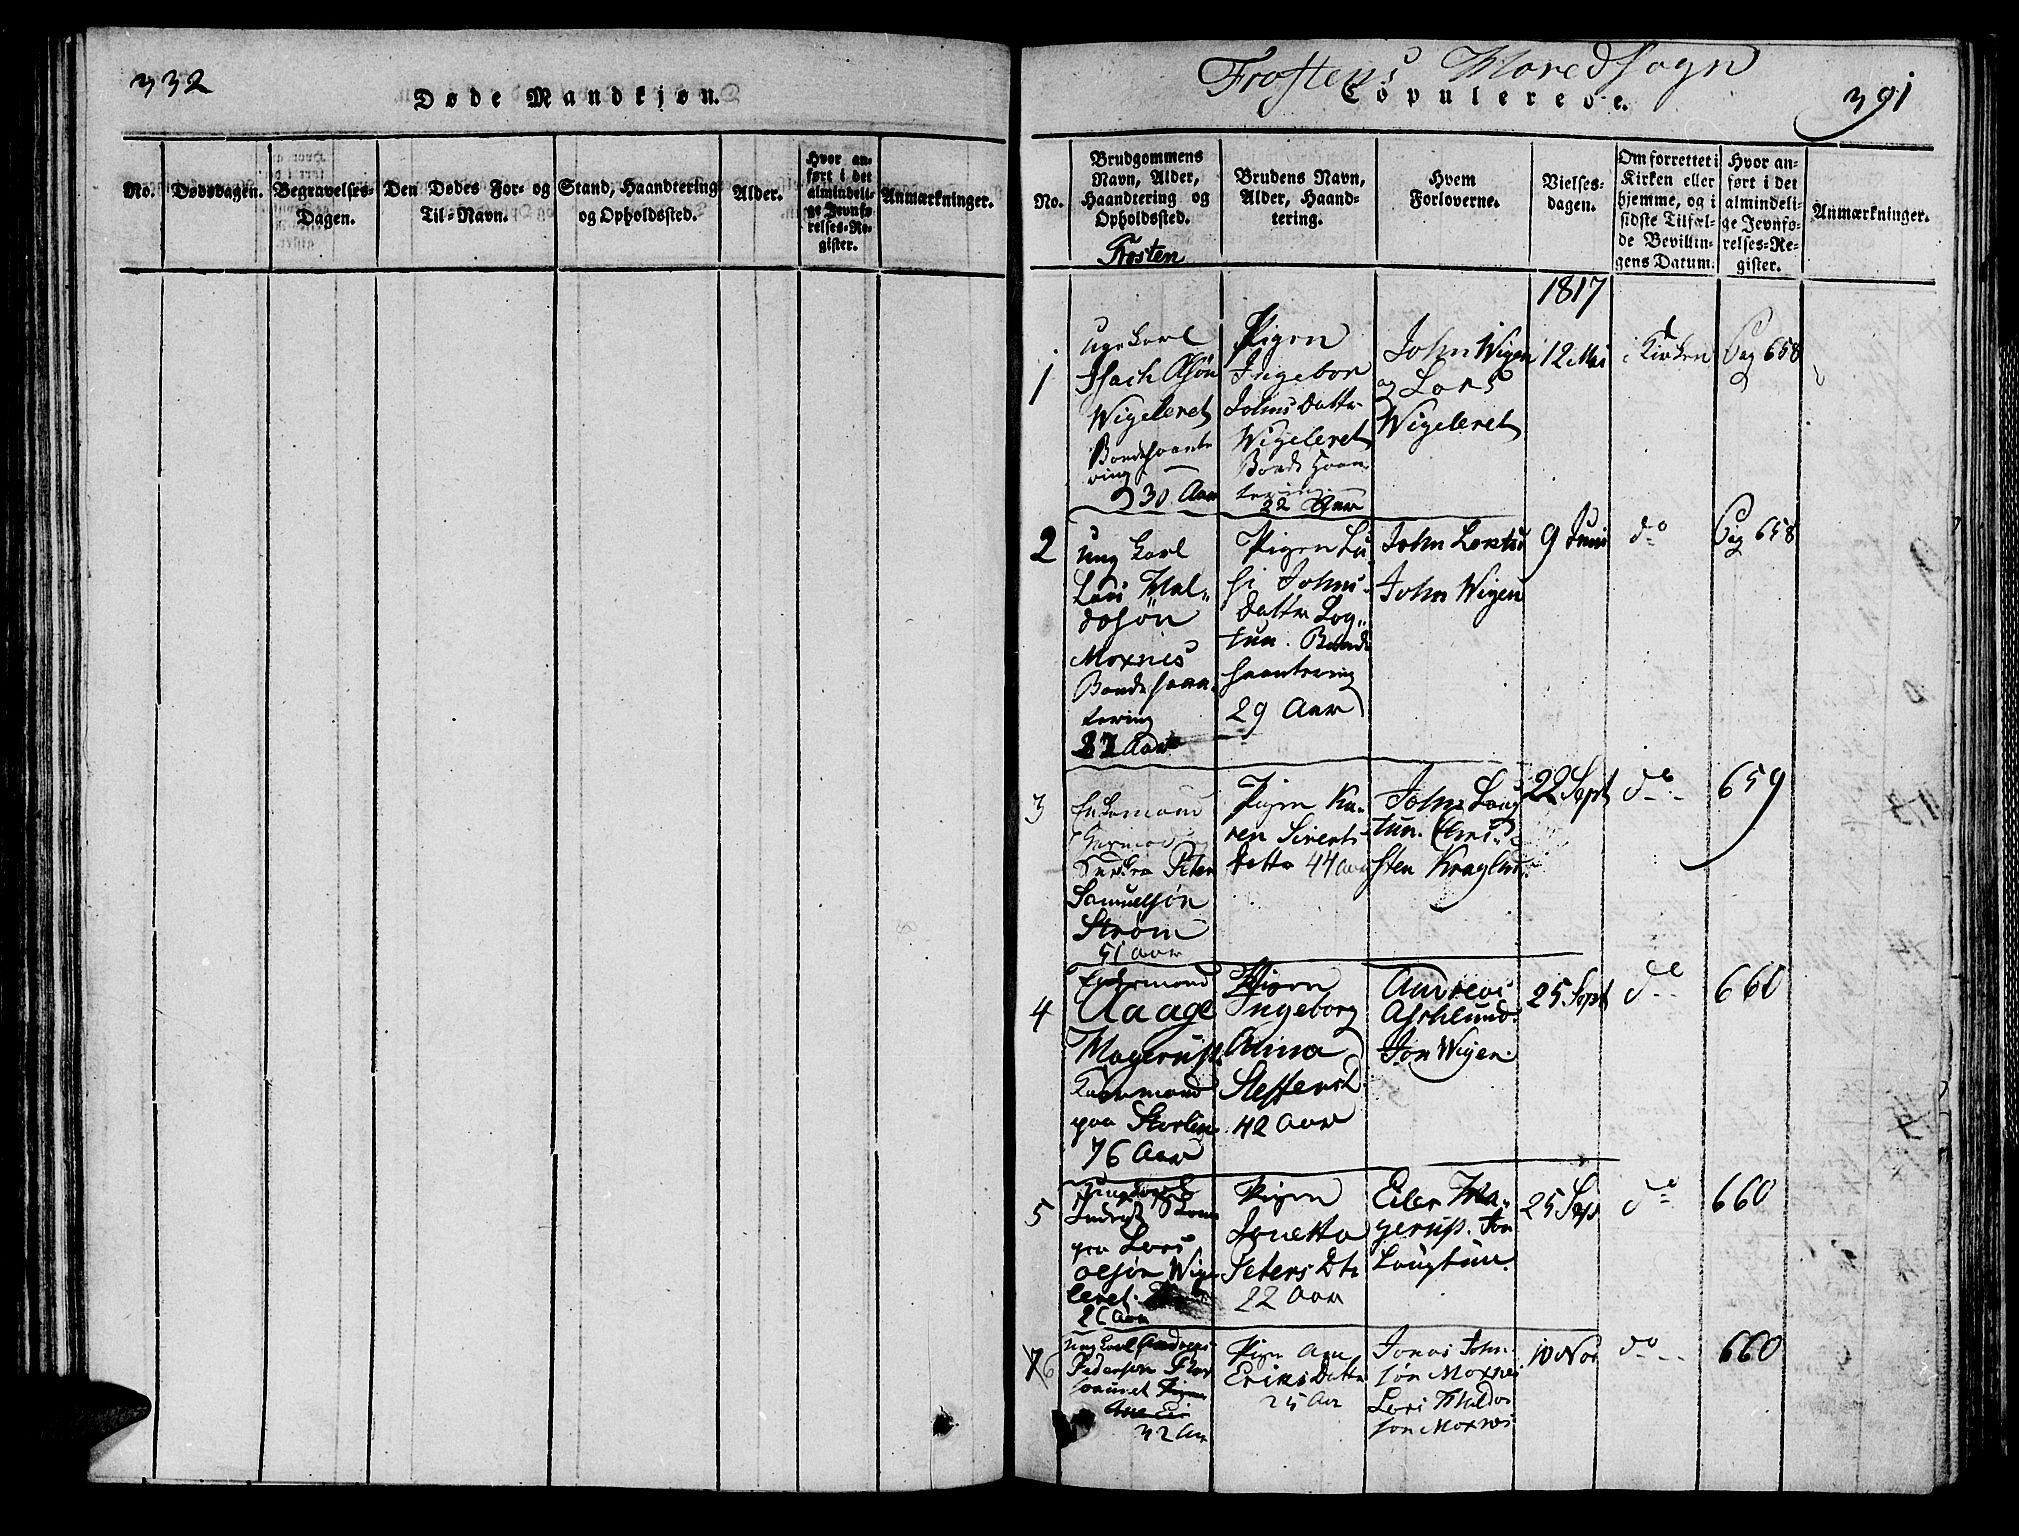 SAT, Ministerialprotokoller, klokkerbøker og fødselsregistre - Nord-Trøndelag, 713/L0112: Ministerialbok nr. 713A04 /1, 1817-1827, s. 332-391